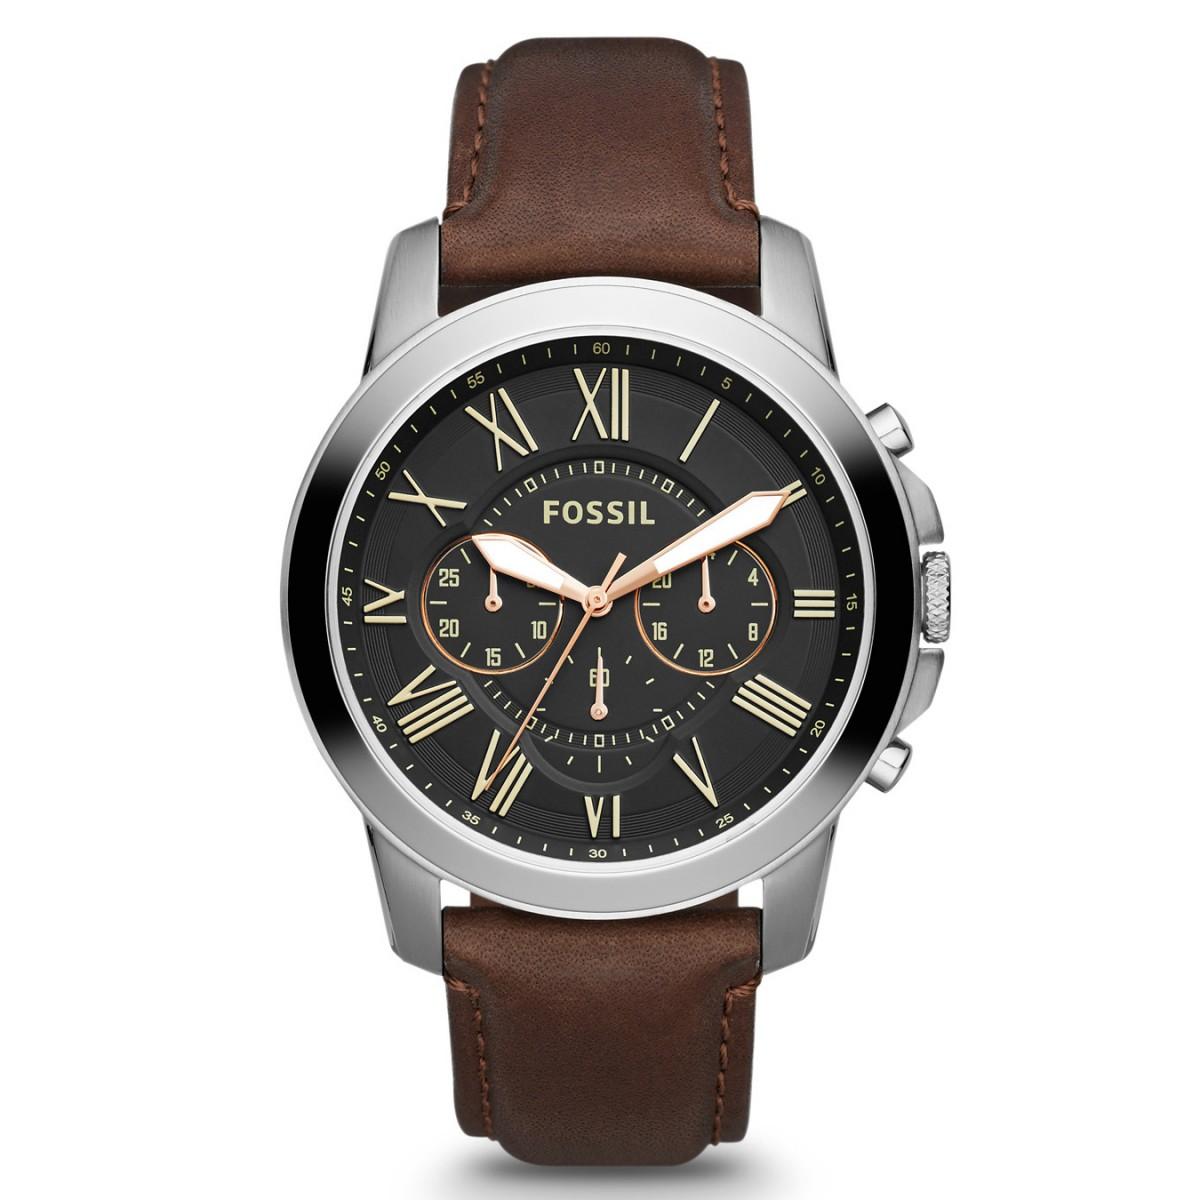 515c12efe54 Compre Relógio Fossil Grant em 10X